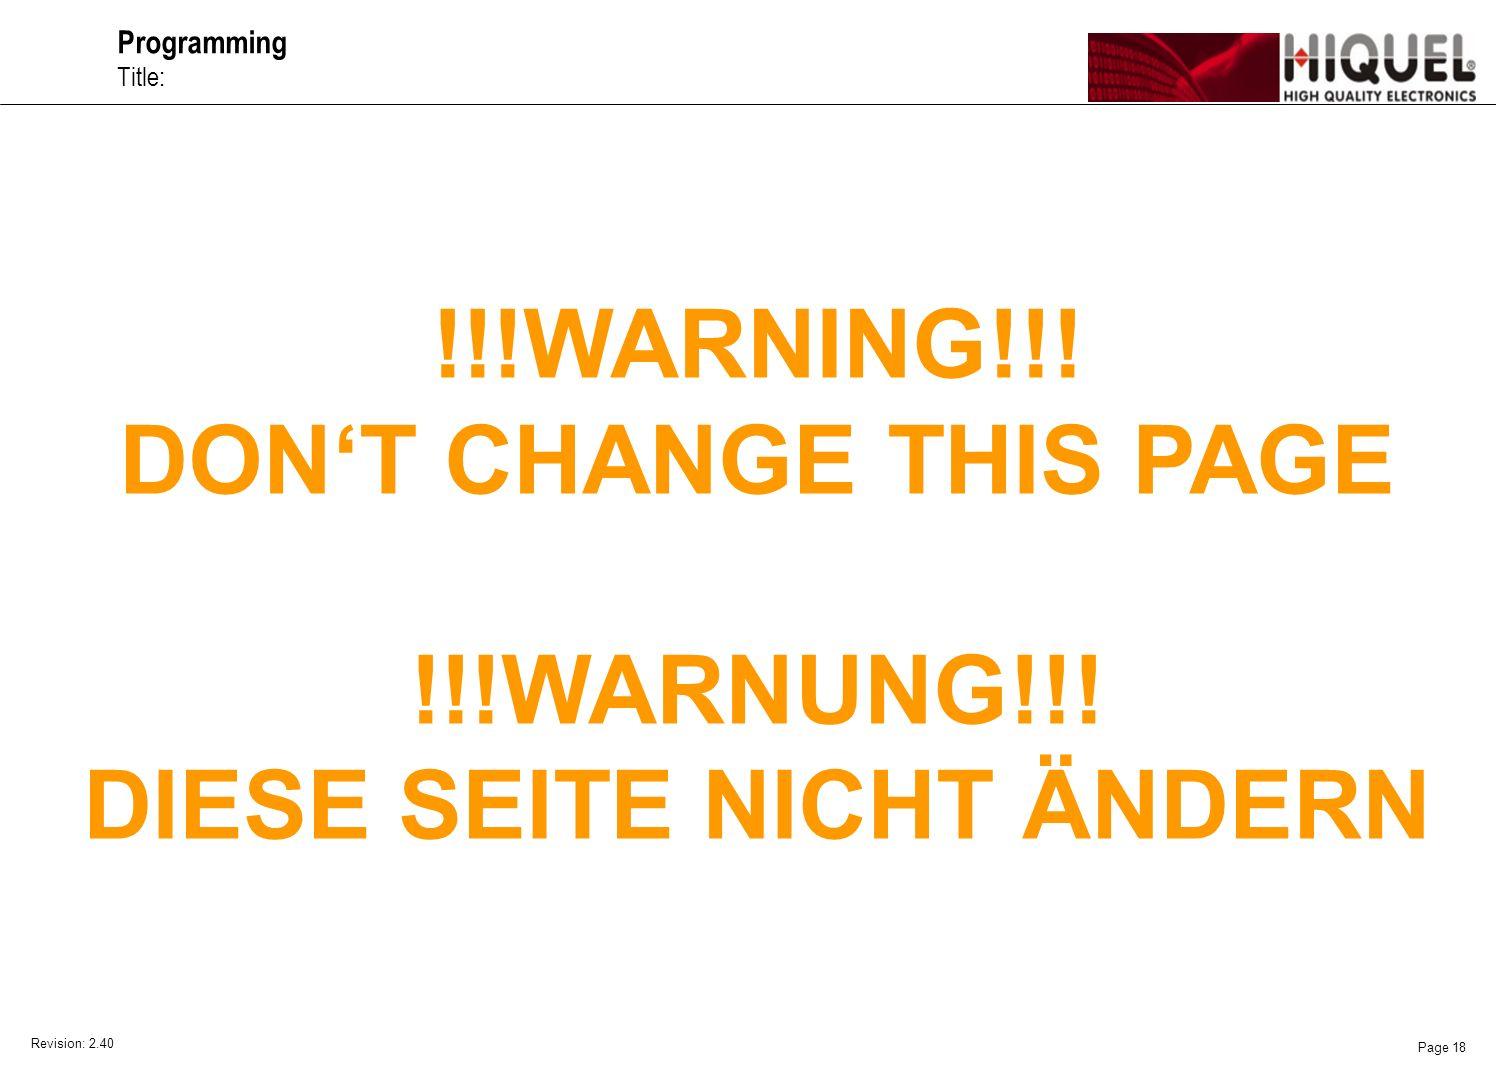 Revision: 2.40 Page 18 Title: Programming !!!WARNING!!! DONT CHANGE THIS PAGE !!!WARNUNG!!! DIESE SEITE NICHT ÄNDERN